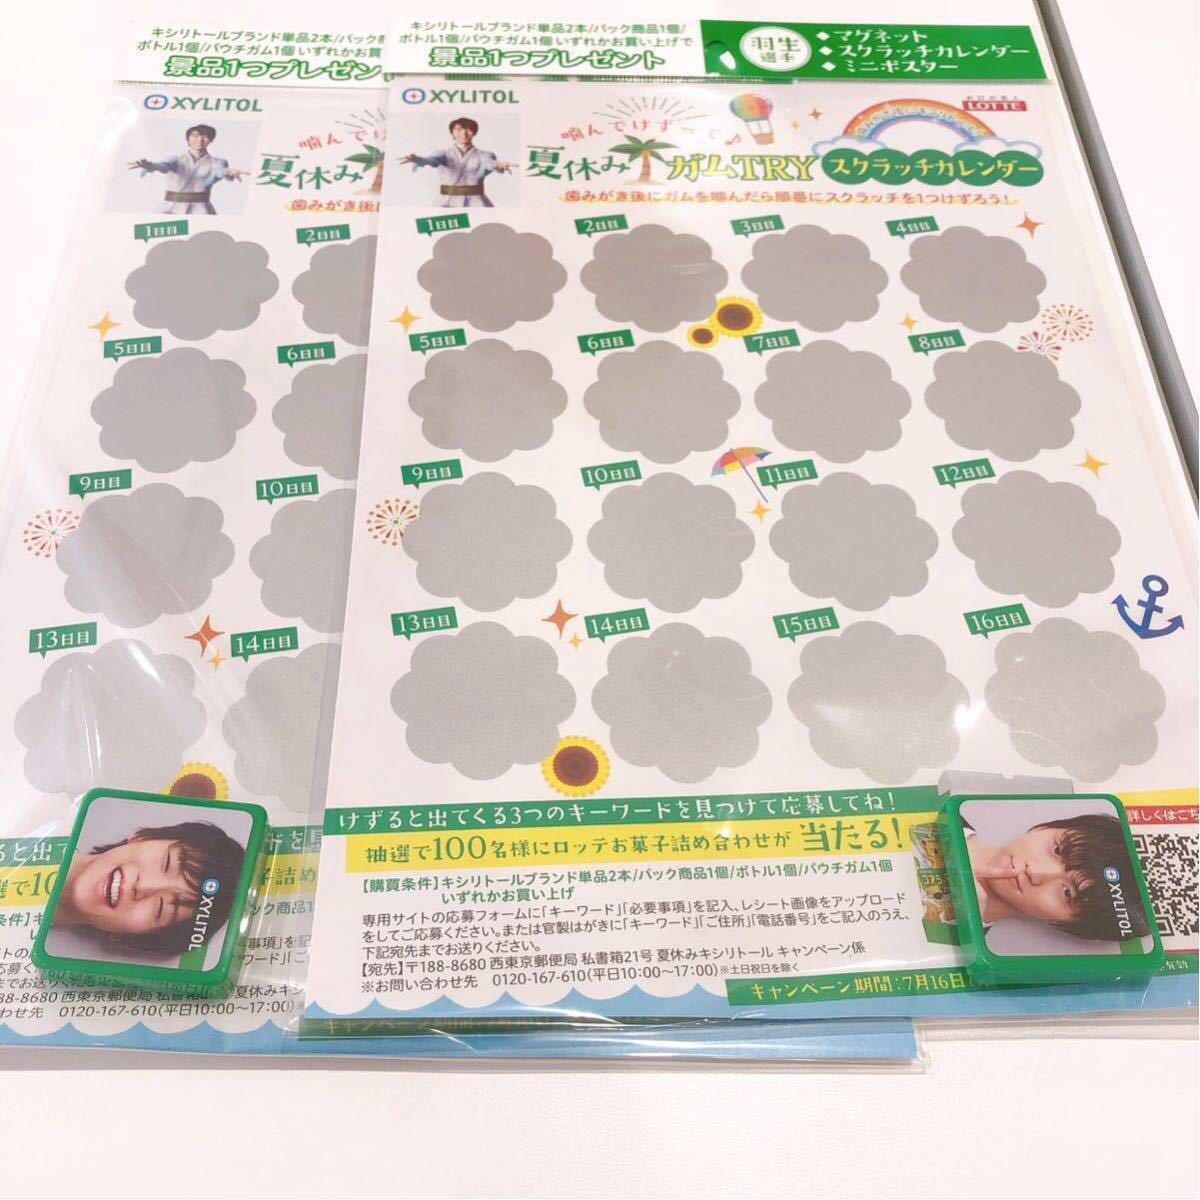 【即決】羽生結弦 キシリトール マグネット 2種 スクラッチカレンダー ミニポスター ロッテ 定形外郵便可能!